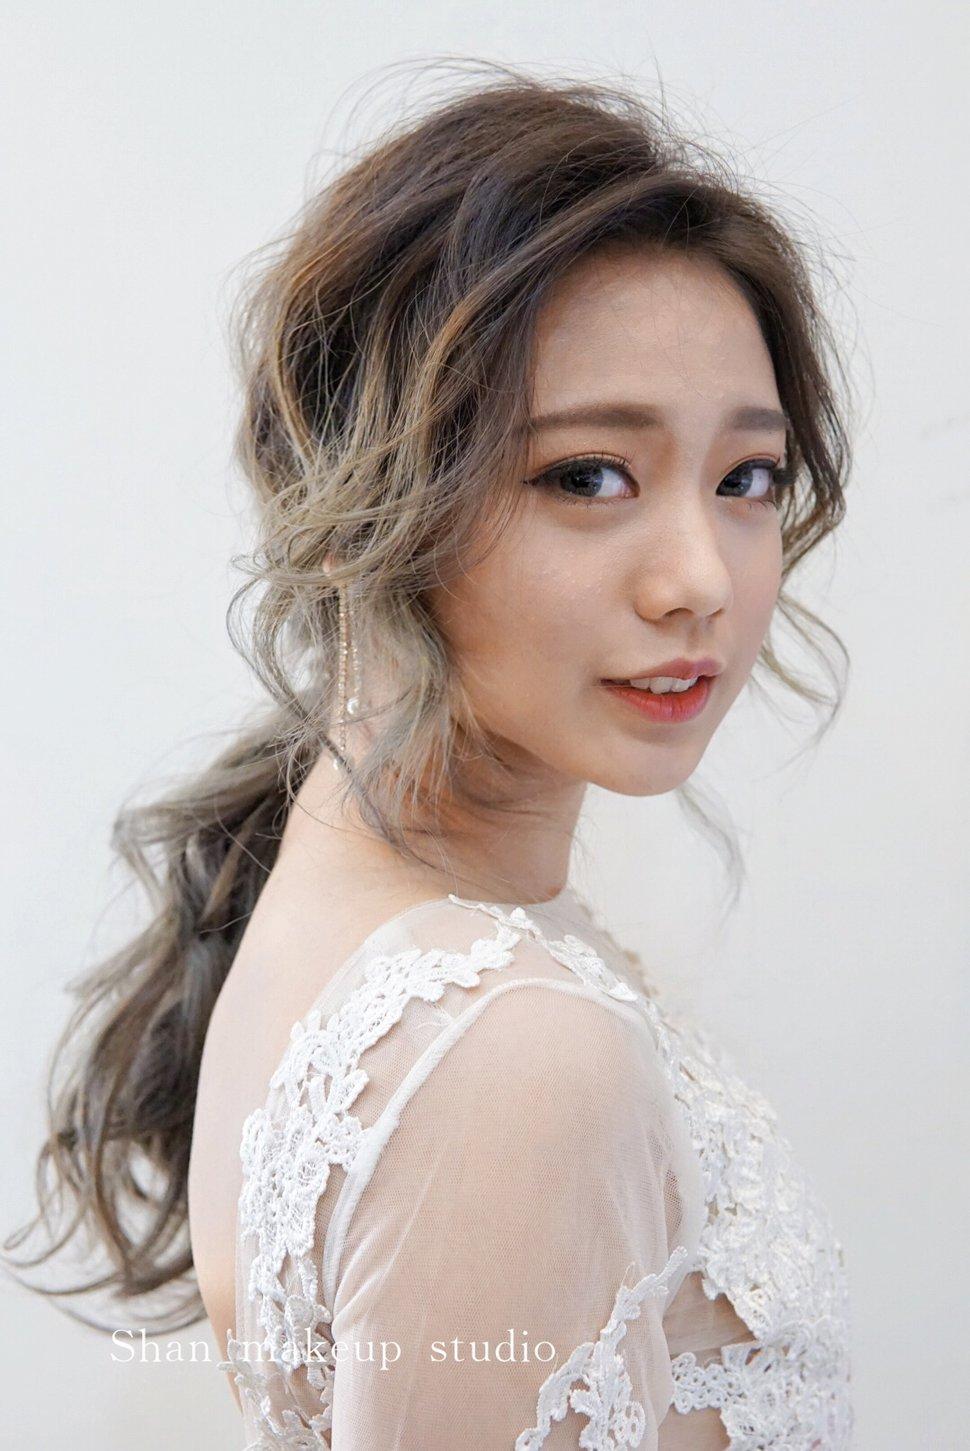 IMG_0975 - 湘翎Shan Makeup studio《結婚吧》